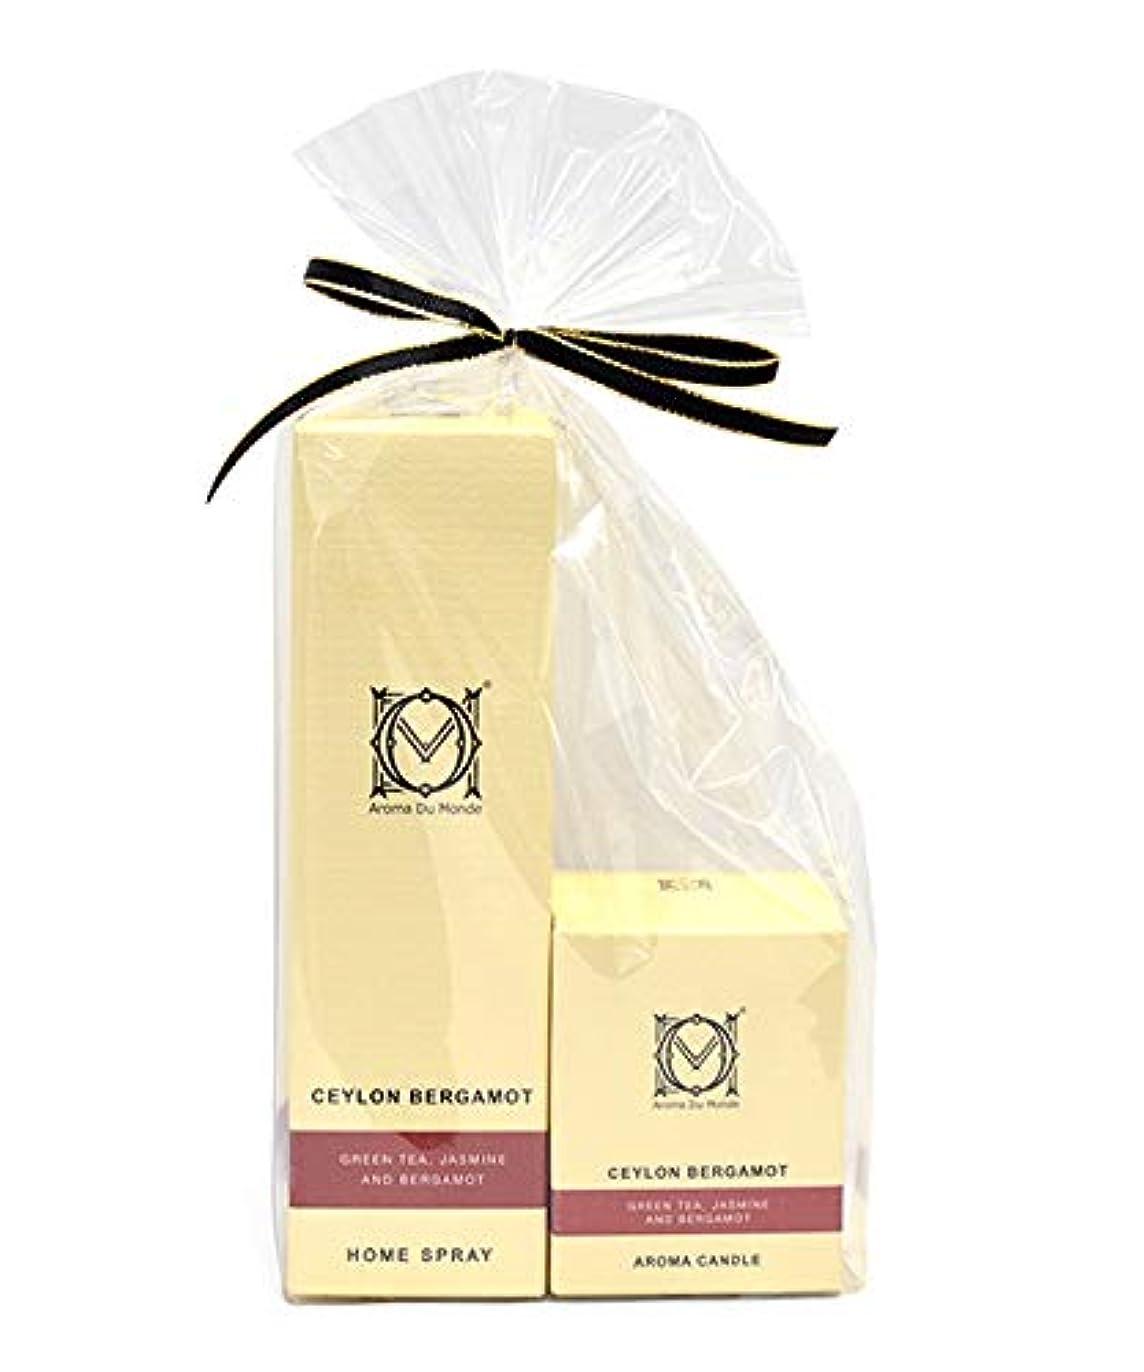 賢明なダース文言ホームスプレー&キャンドル セイロンベルガモットセット Aroma Du Monde/ADM Home Spray & Candle Ceylon Bergamot Set 81151